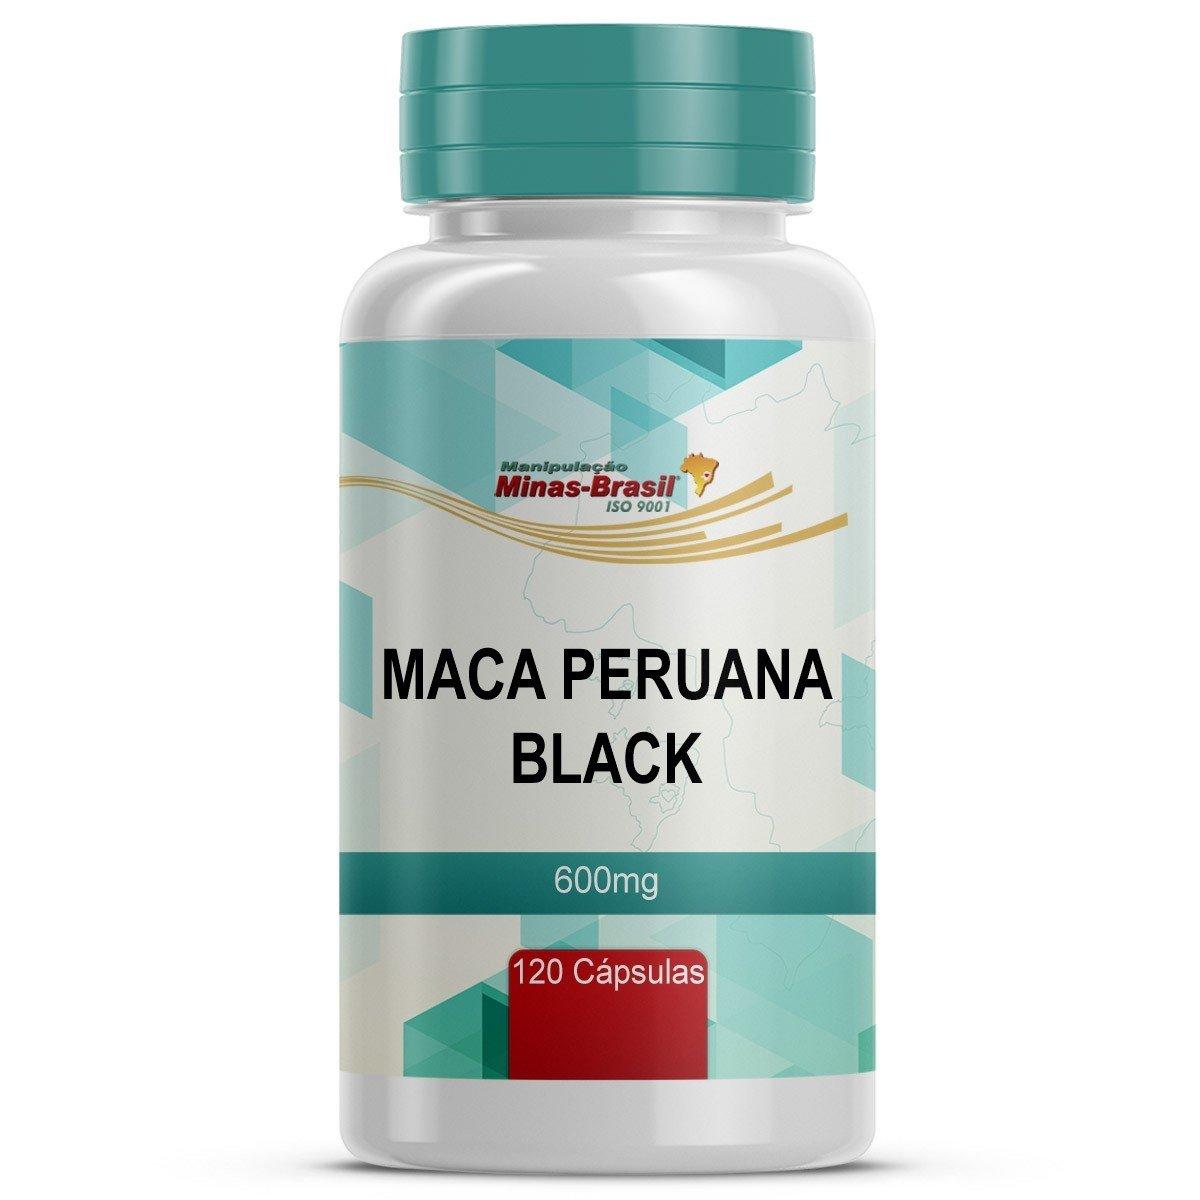 maca peruana negra sinonimo